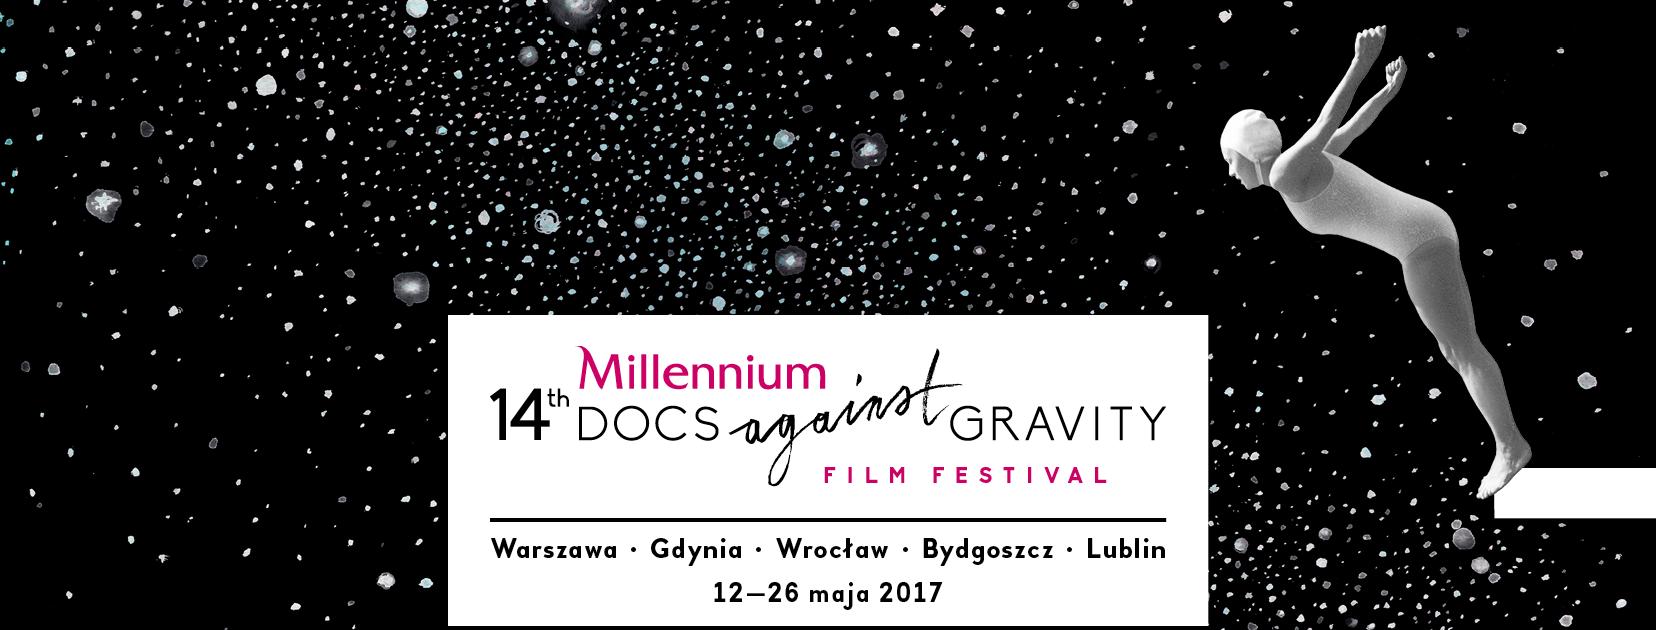 Trwa Millennium Docs Against Gravity